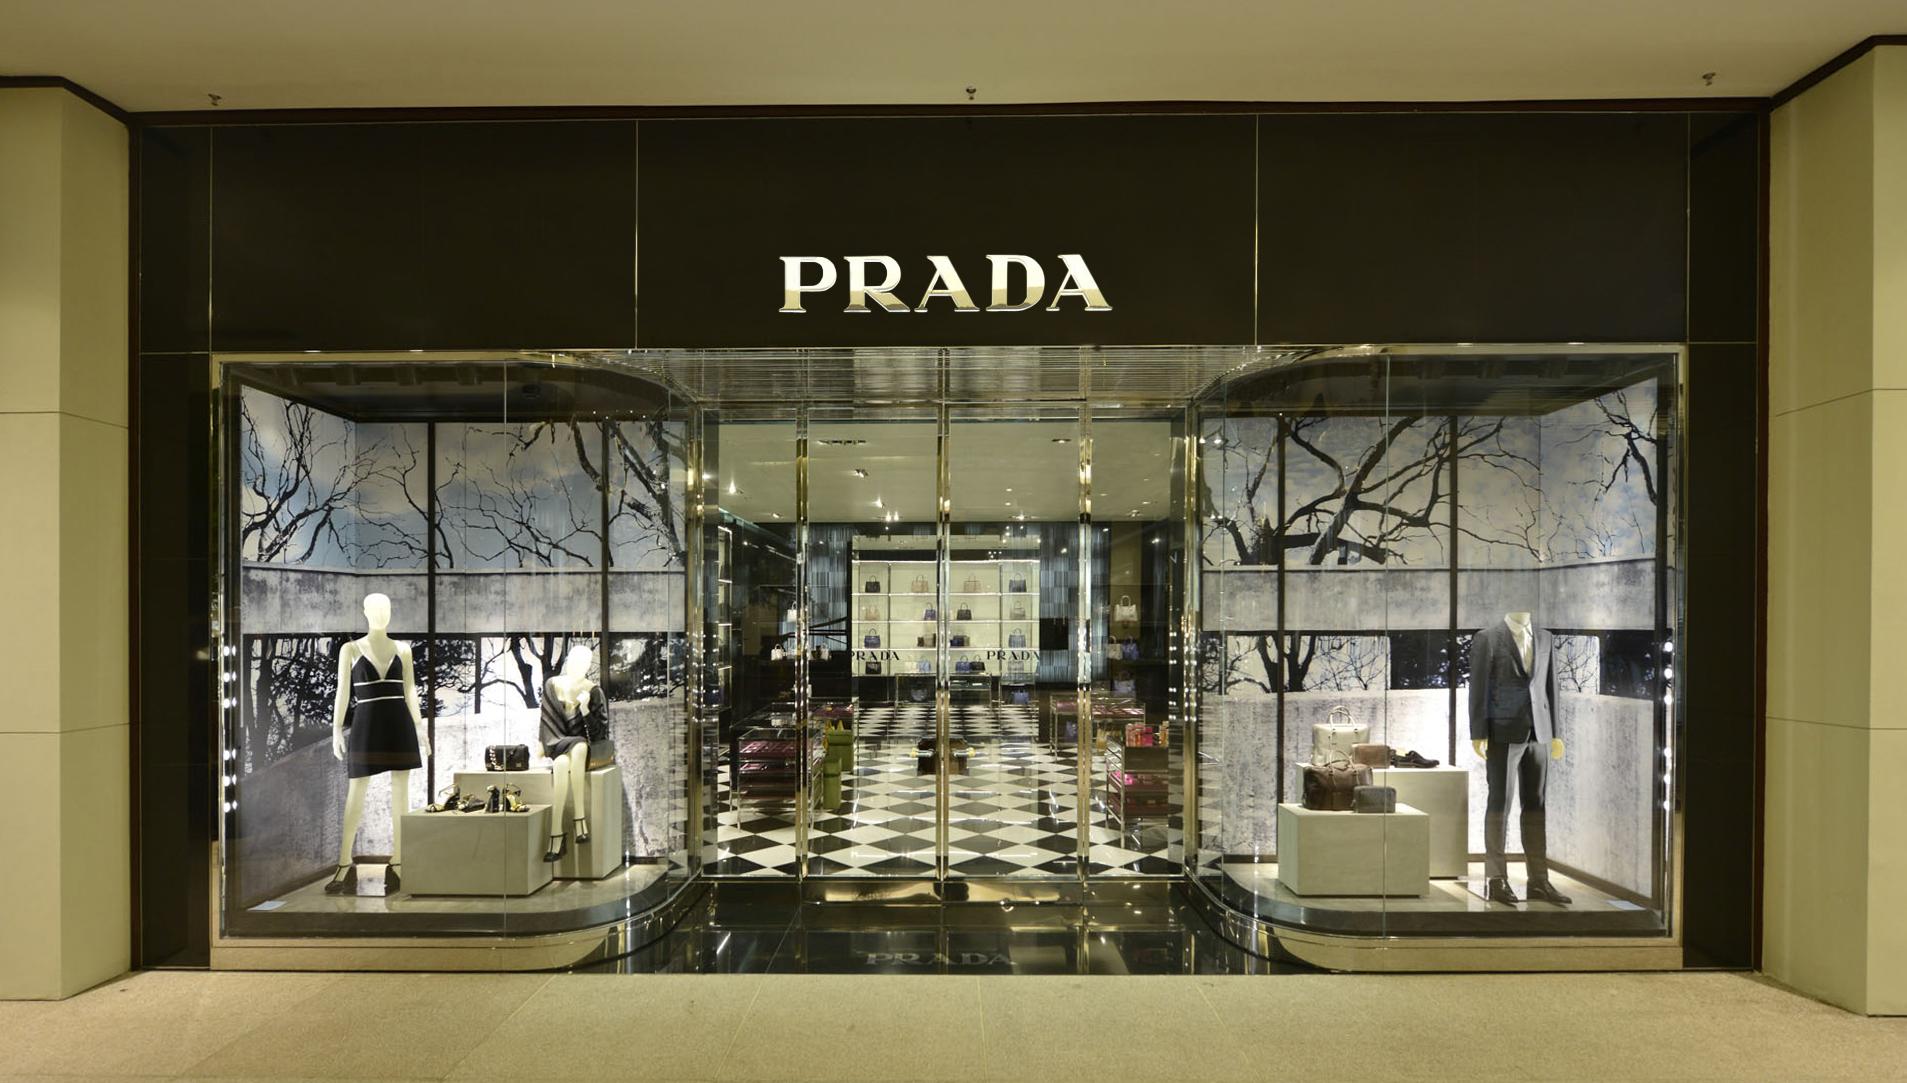 Prada inaugura loja no shopping Cidade Jardim em São Paulo ... cc474e1b02